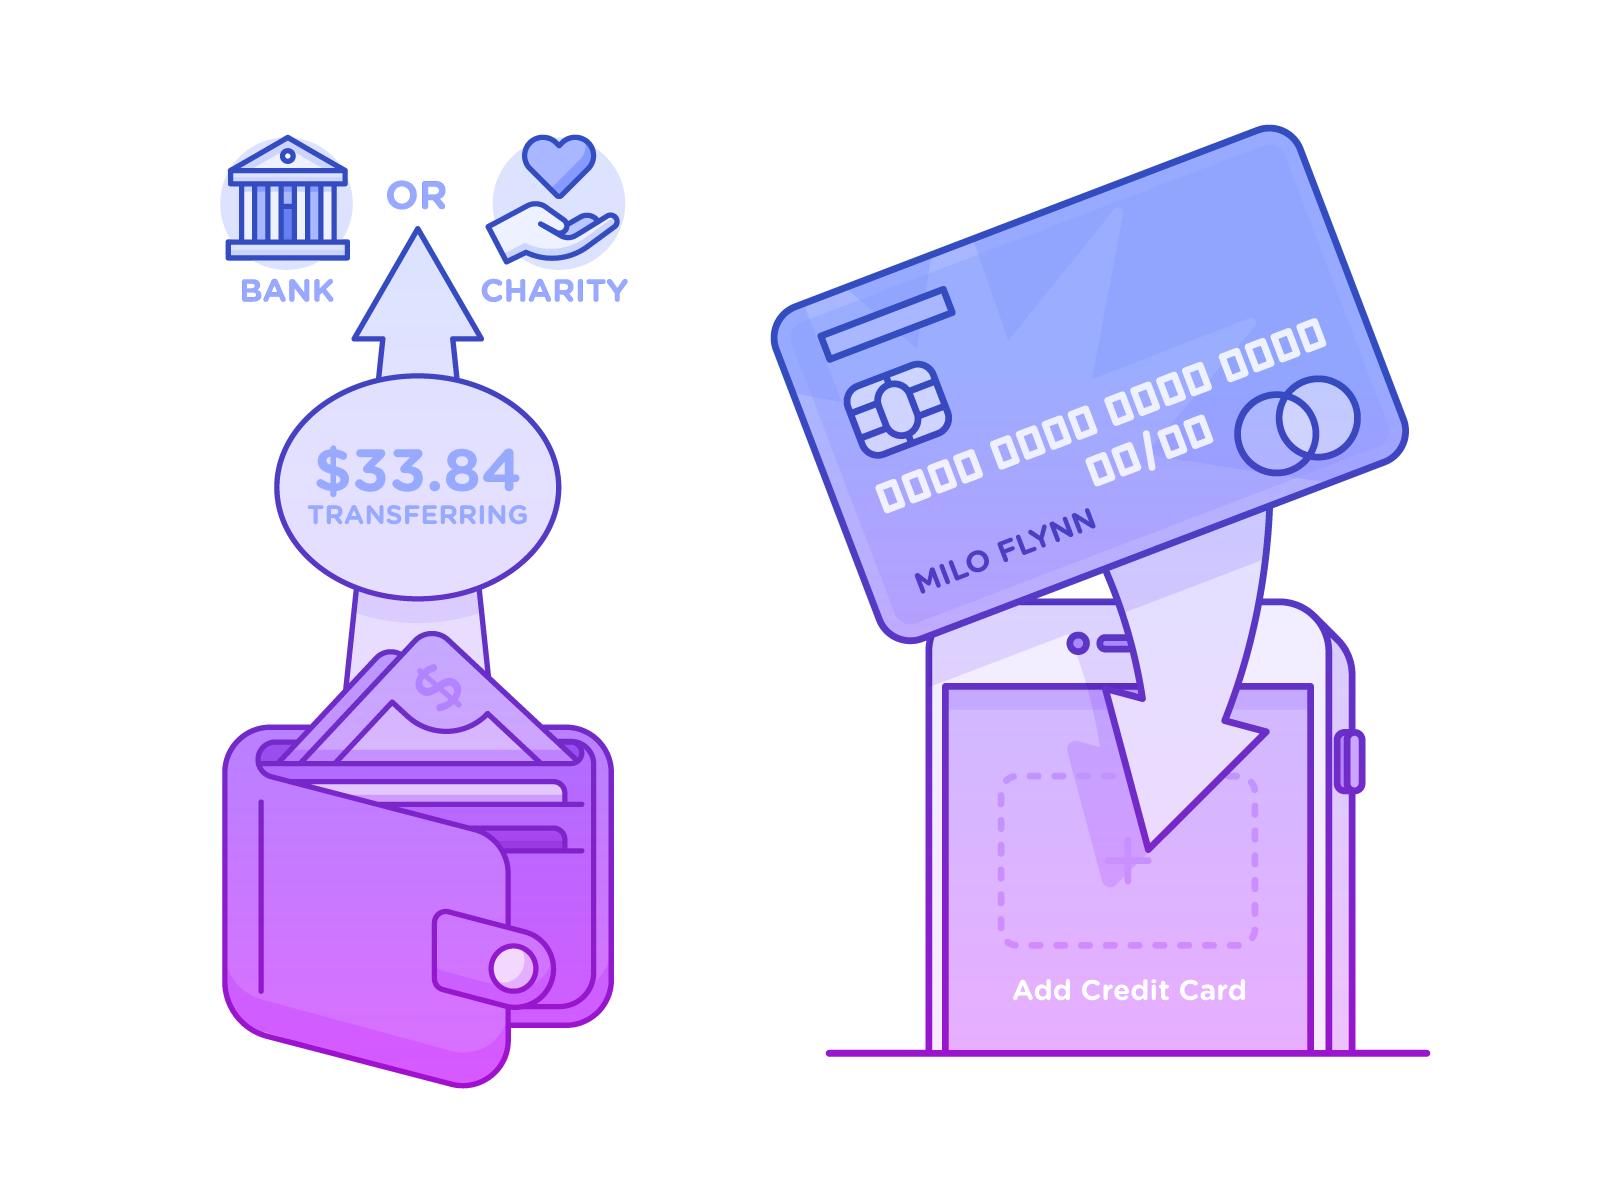 dribbble_rocky-roark_financial_illustrations